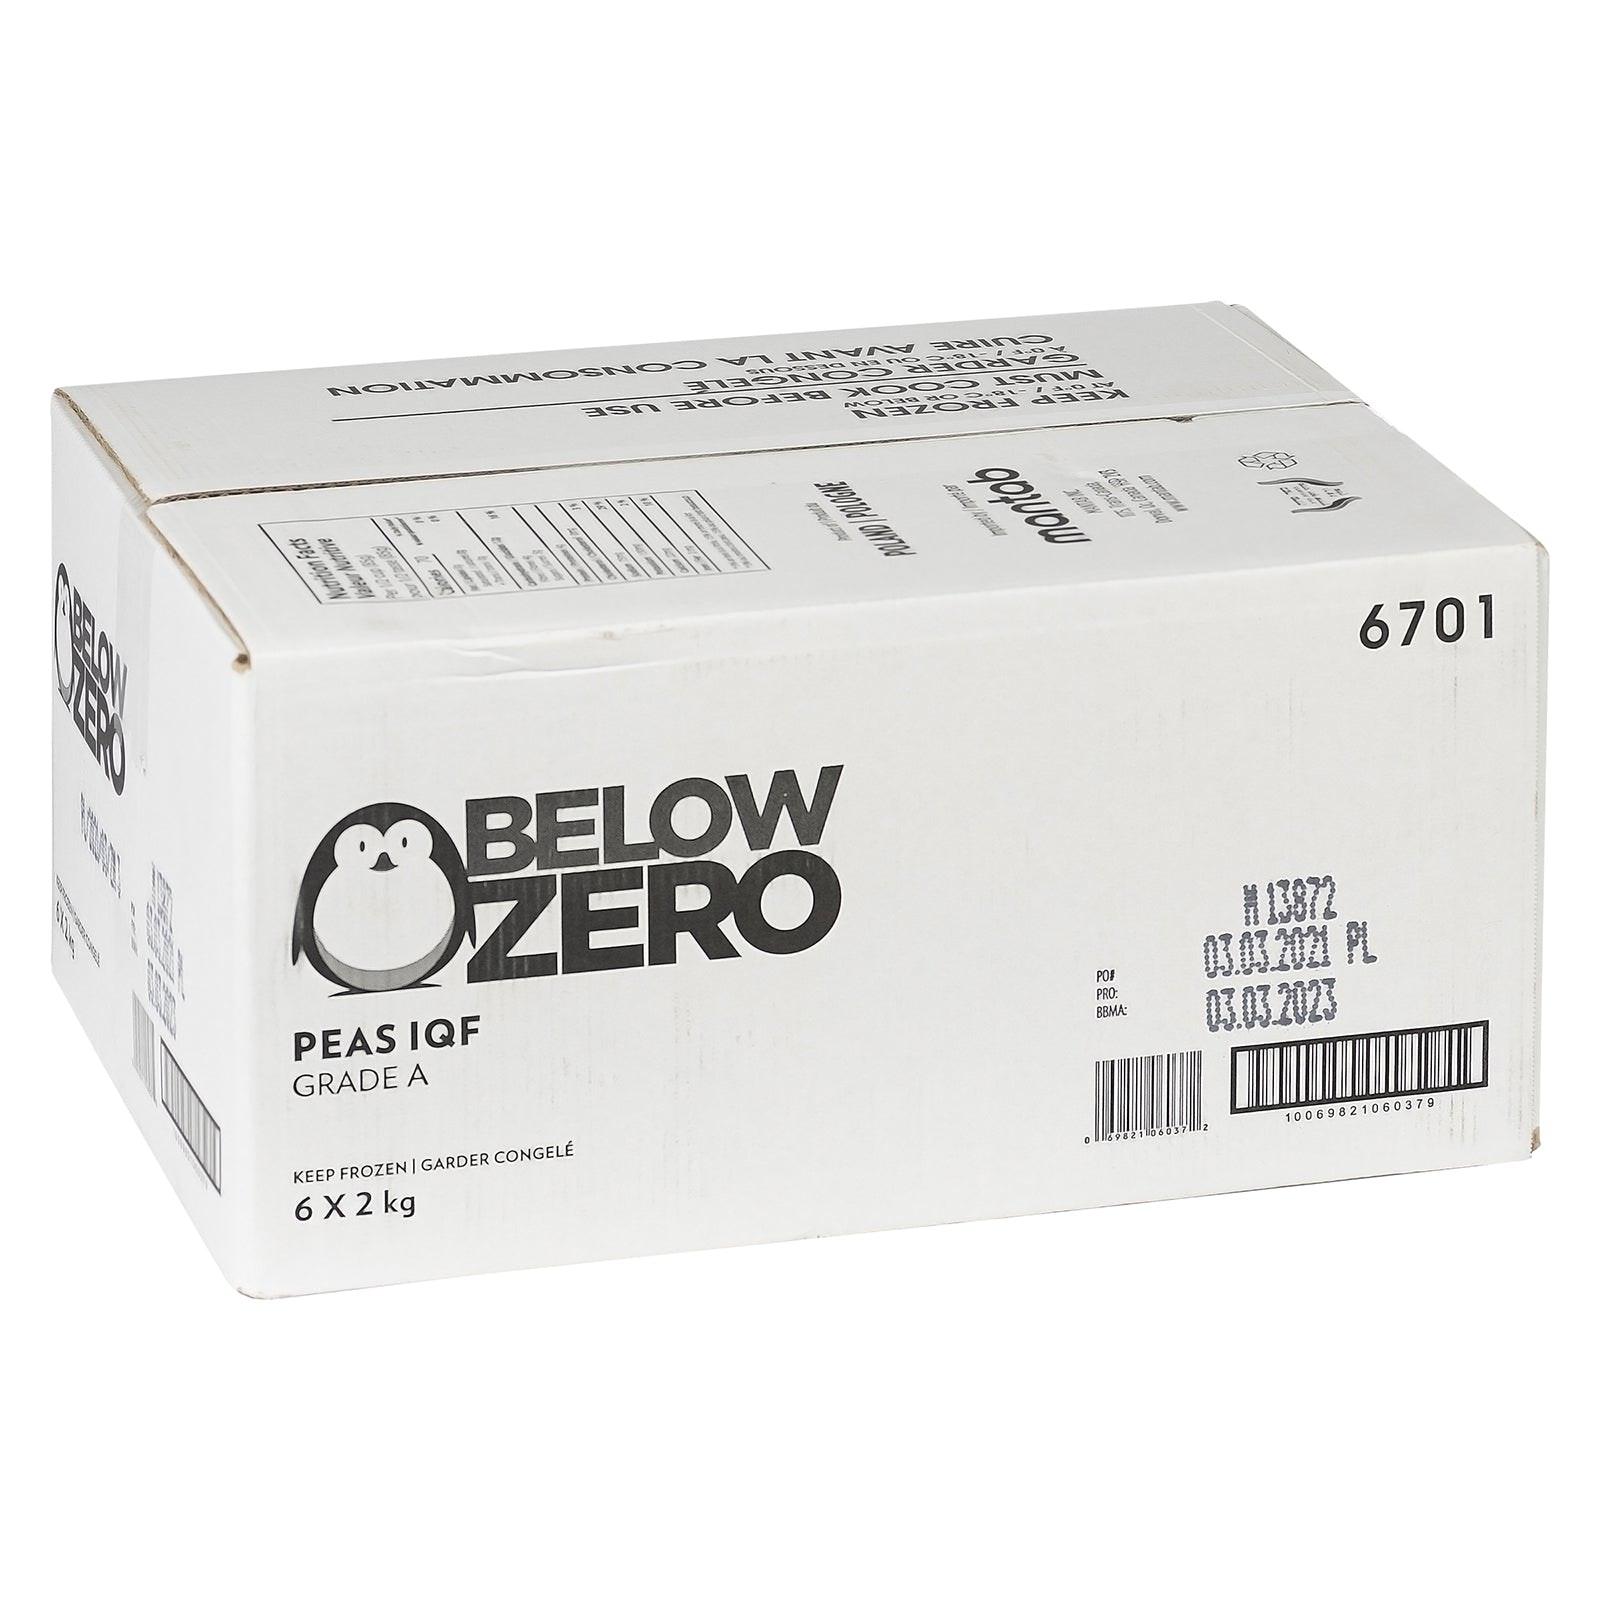 BELOW ZERO Peas